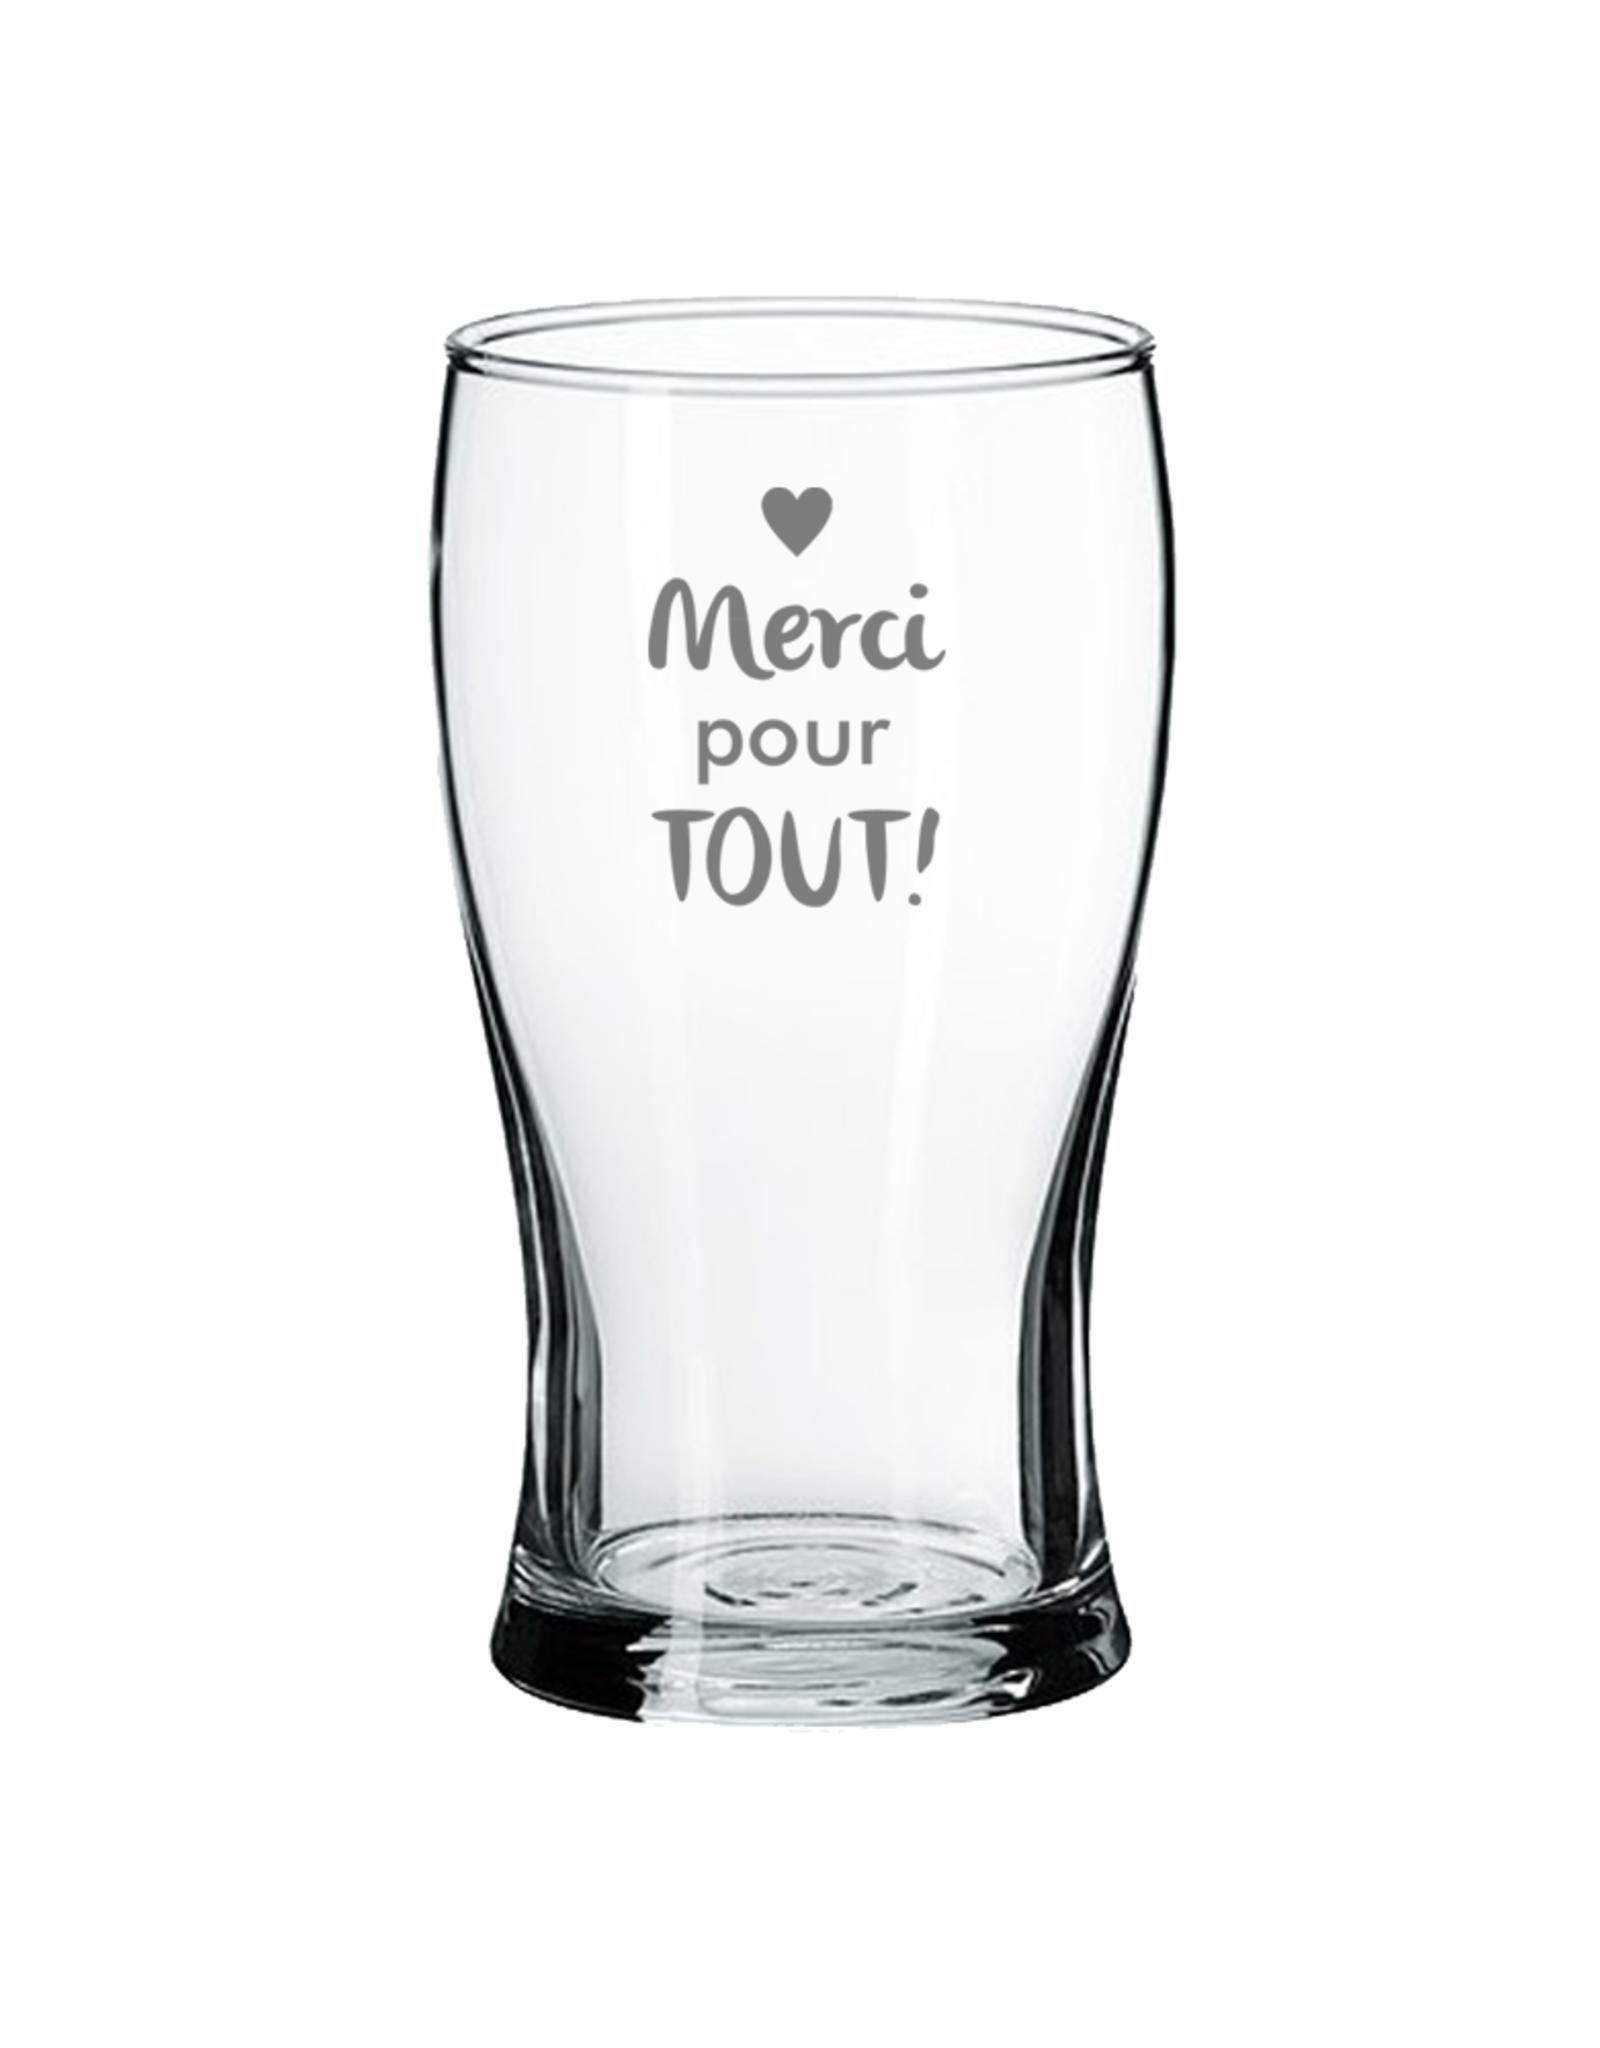 La maison du bar Verre à bière  - merci pour tout !